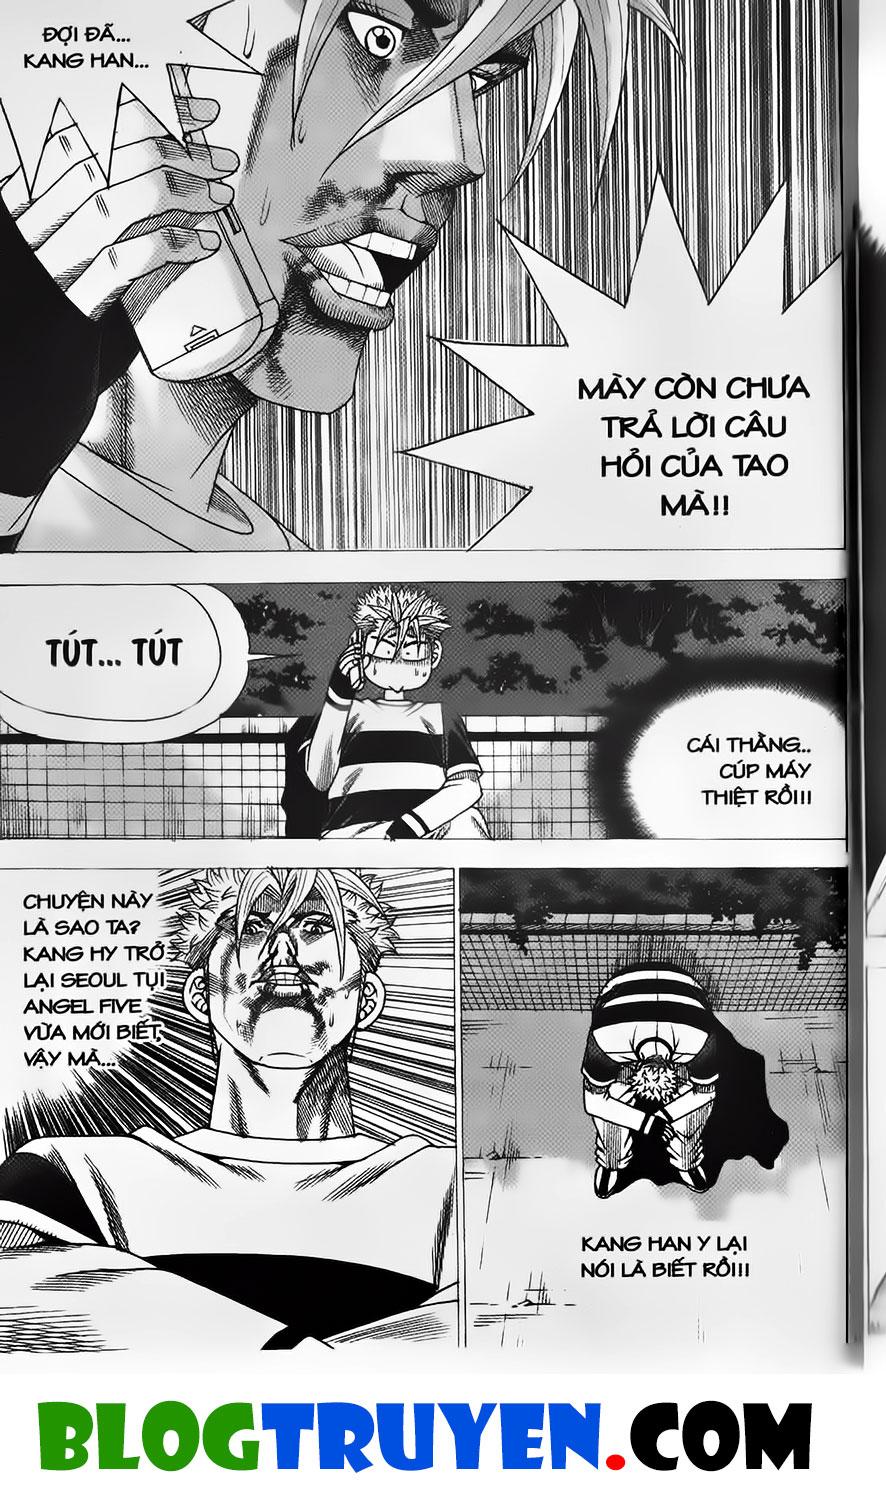 Bitagi - Anh chàng ngổ ngáo chap 374 trang 20